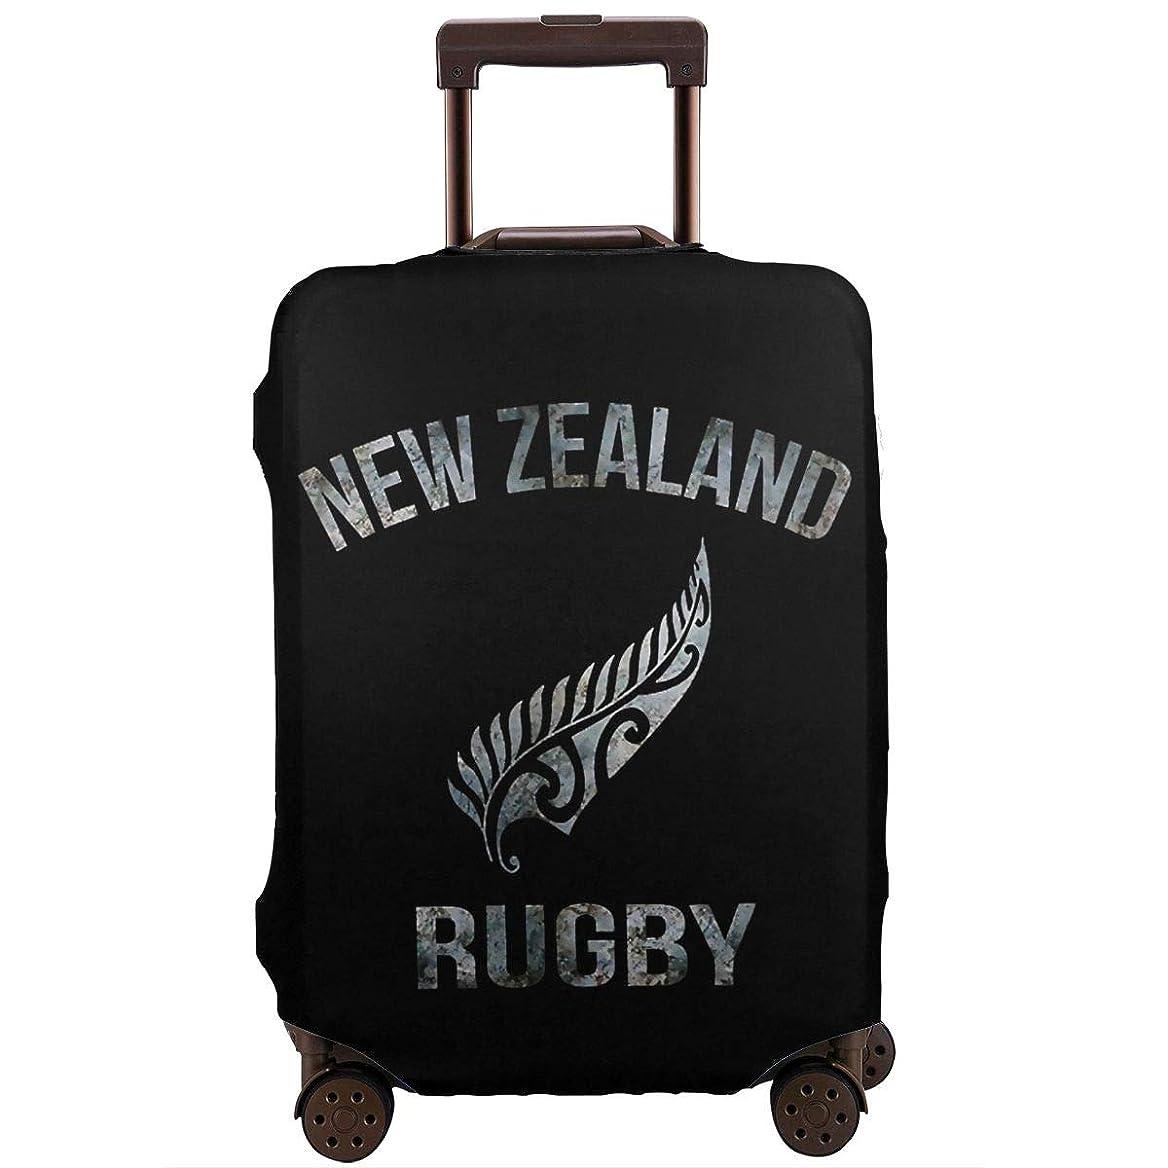 財布十先史時代のNew Zealand Rugby ニュージーランド ラグビー スーツケースカバー トランクカバー キャリーカバー 伸縮 ラゲッジカバー お荷物カバー 旅行 便利 おしゃれ かわいい 保護 防塵 目立つ ファスナー付き サイズとデザイン選択